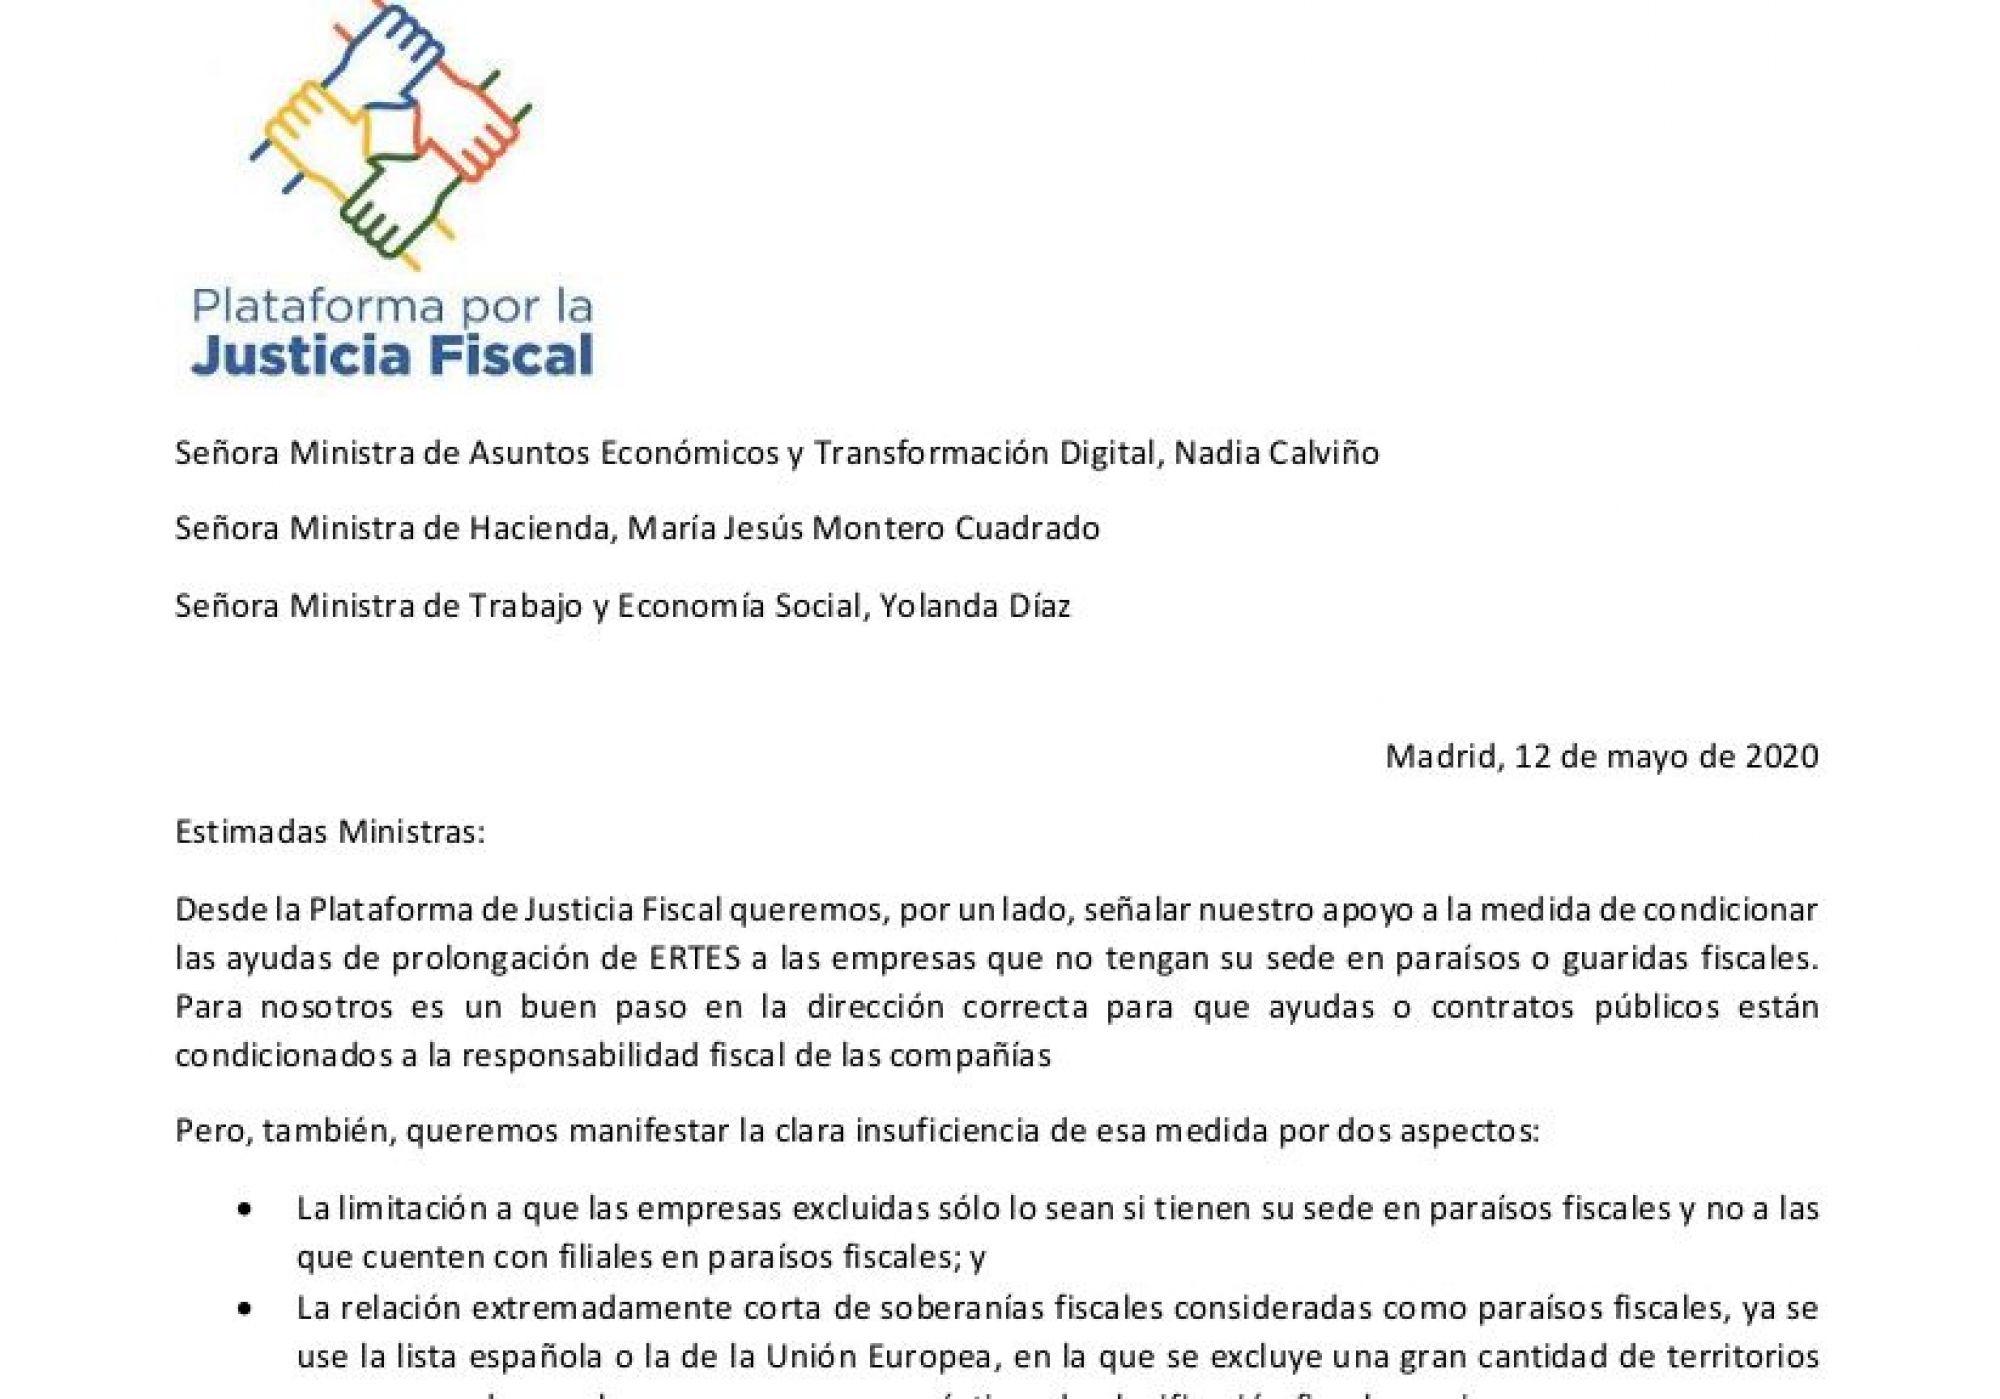 La Plataforma por la Justicia Fiscal envía una carta a las Ministras de Economía, Hacienda y Trabajo para exigir que las empresas que operan en paraísos fiscales no sean rescatadas